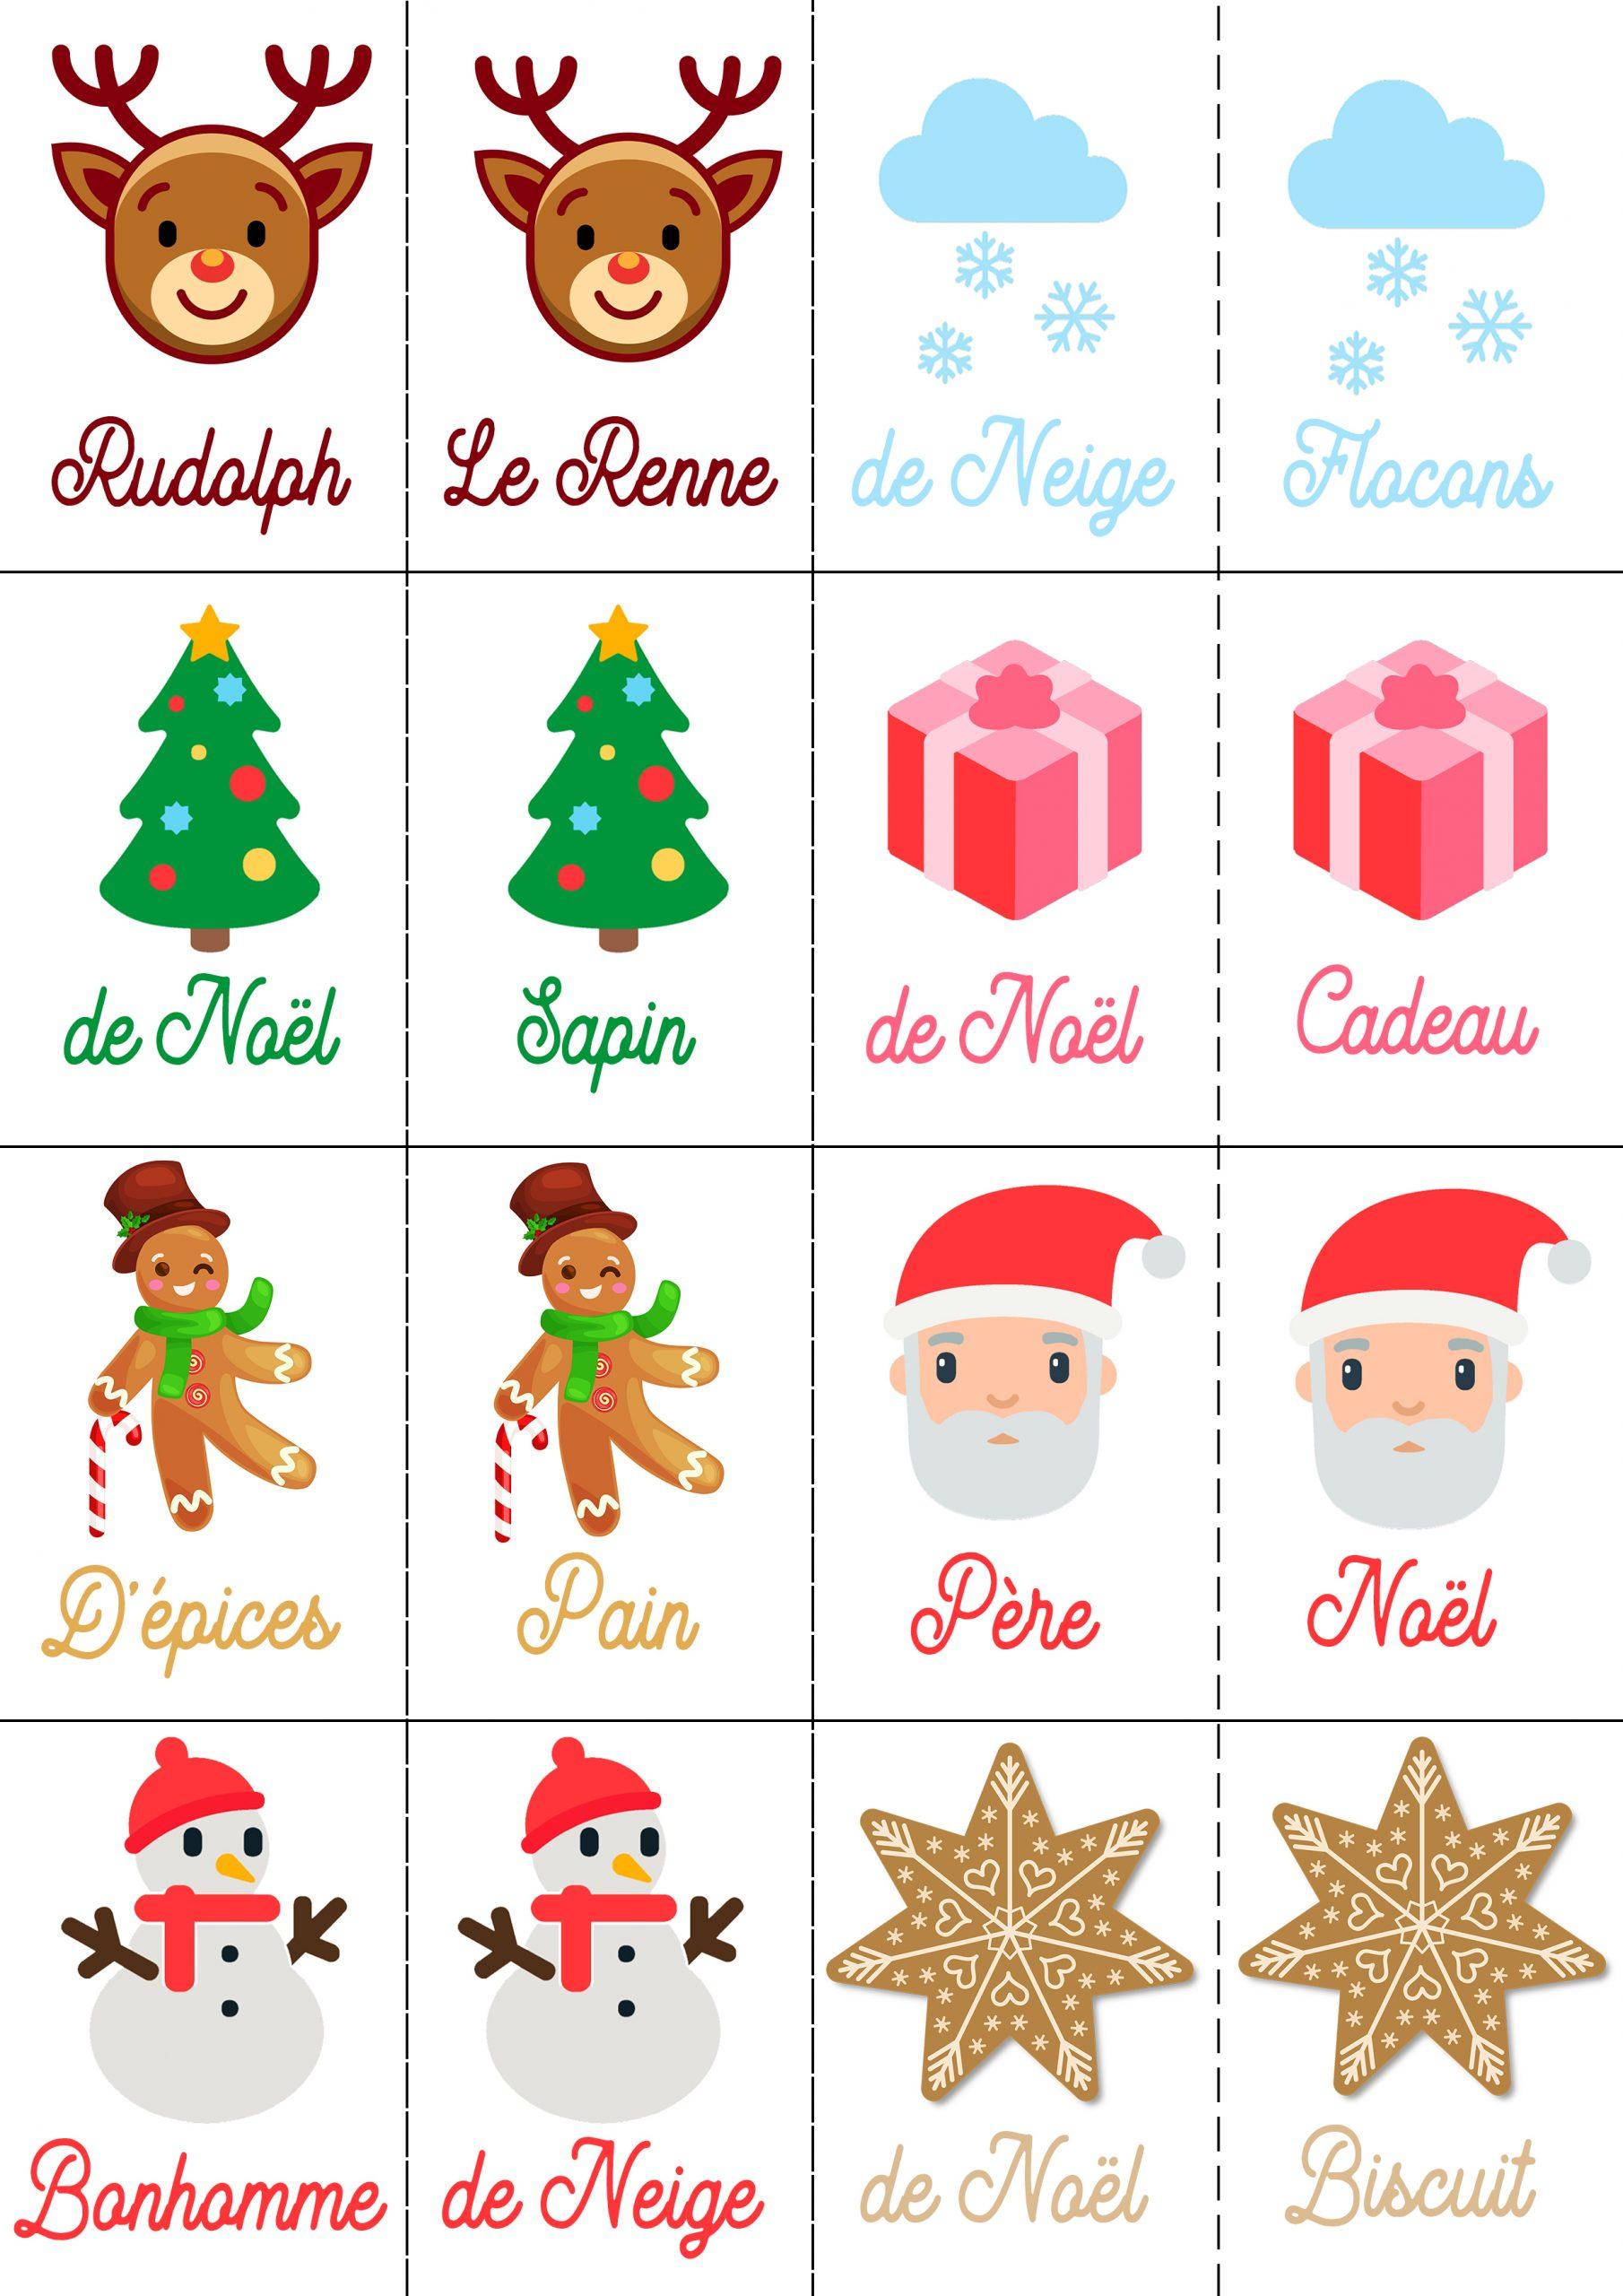 4 Jeux De Noël Pour Petits Et Grands À Imprimer Gratuitement encequiconcerne Jeux De Memoire Gratuit Pour Enfant